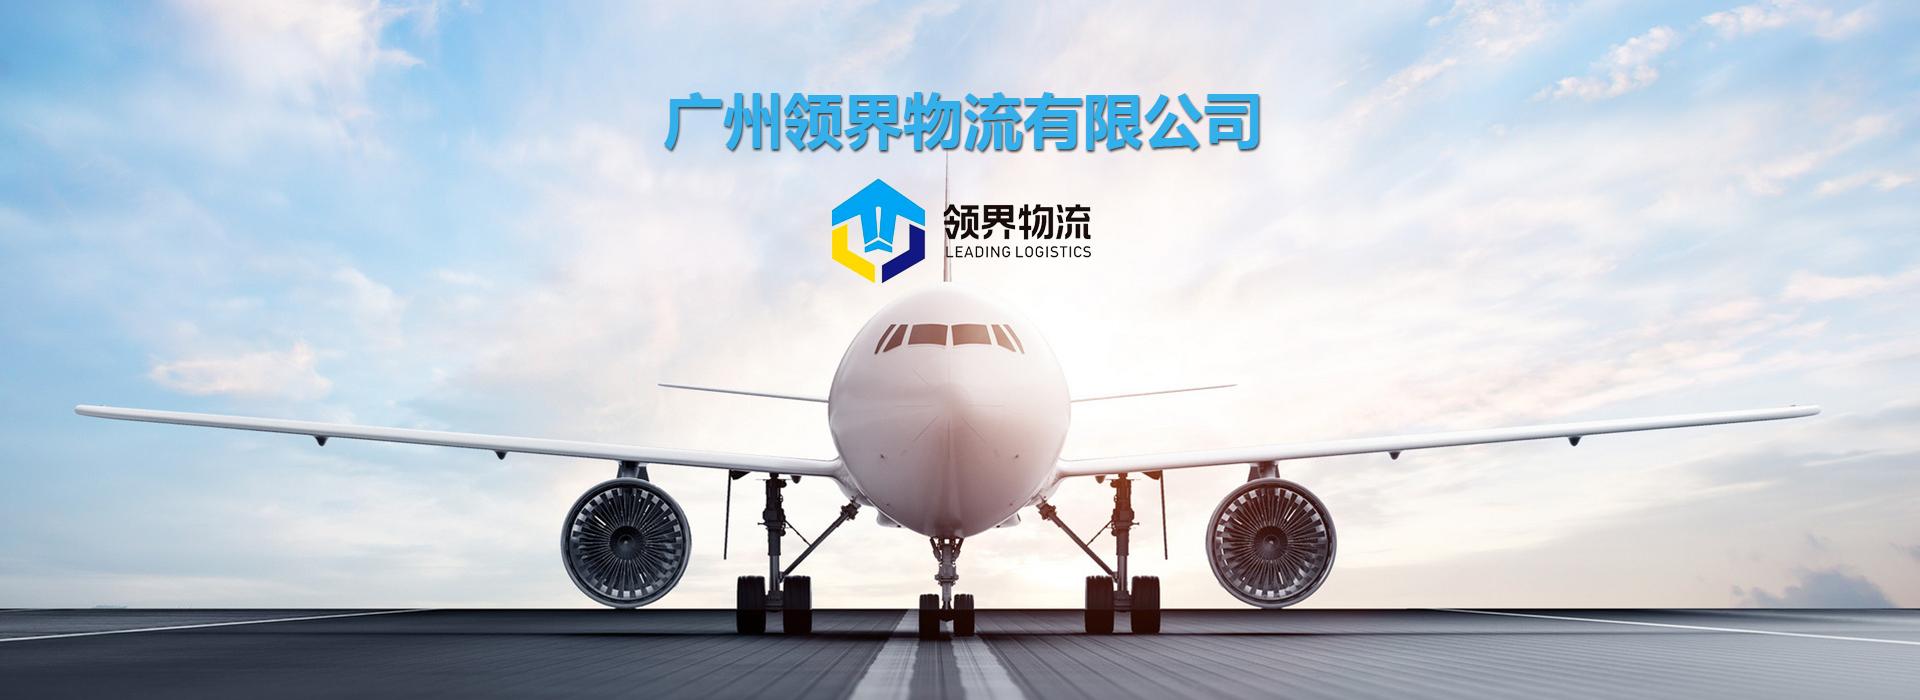 广州航空速运